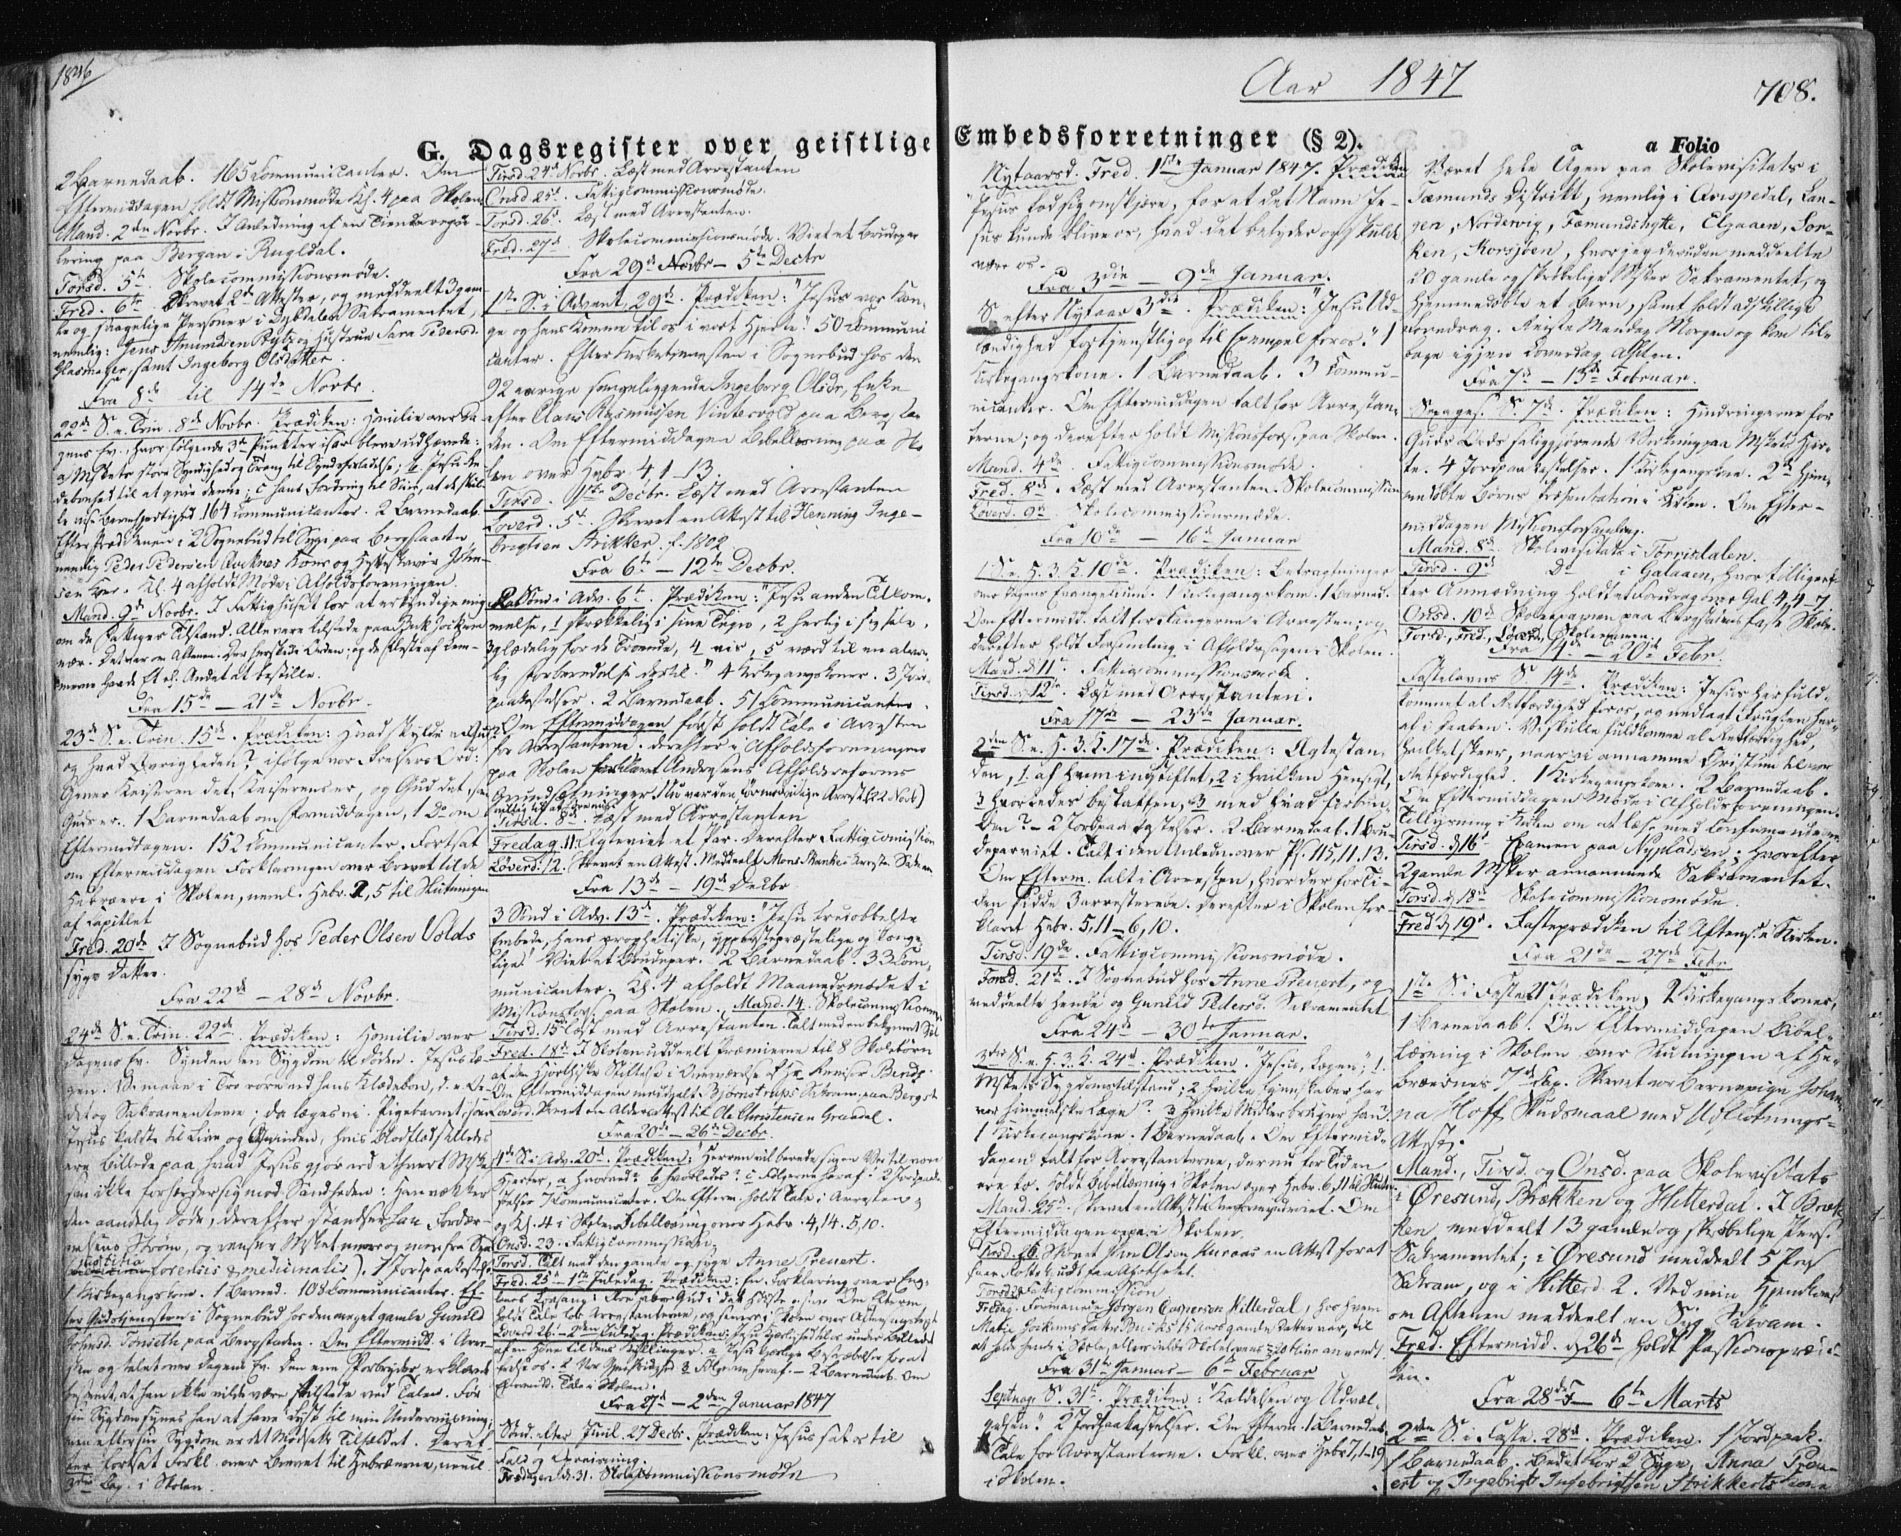 SAT, Ministerialprotokoller, klokkerbøker og fødselsregistre - Sør-Trøndelag, 681/L0931: Ministerialbok nr. 681A09, 1845-1859, s. 708